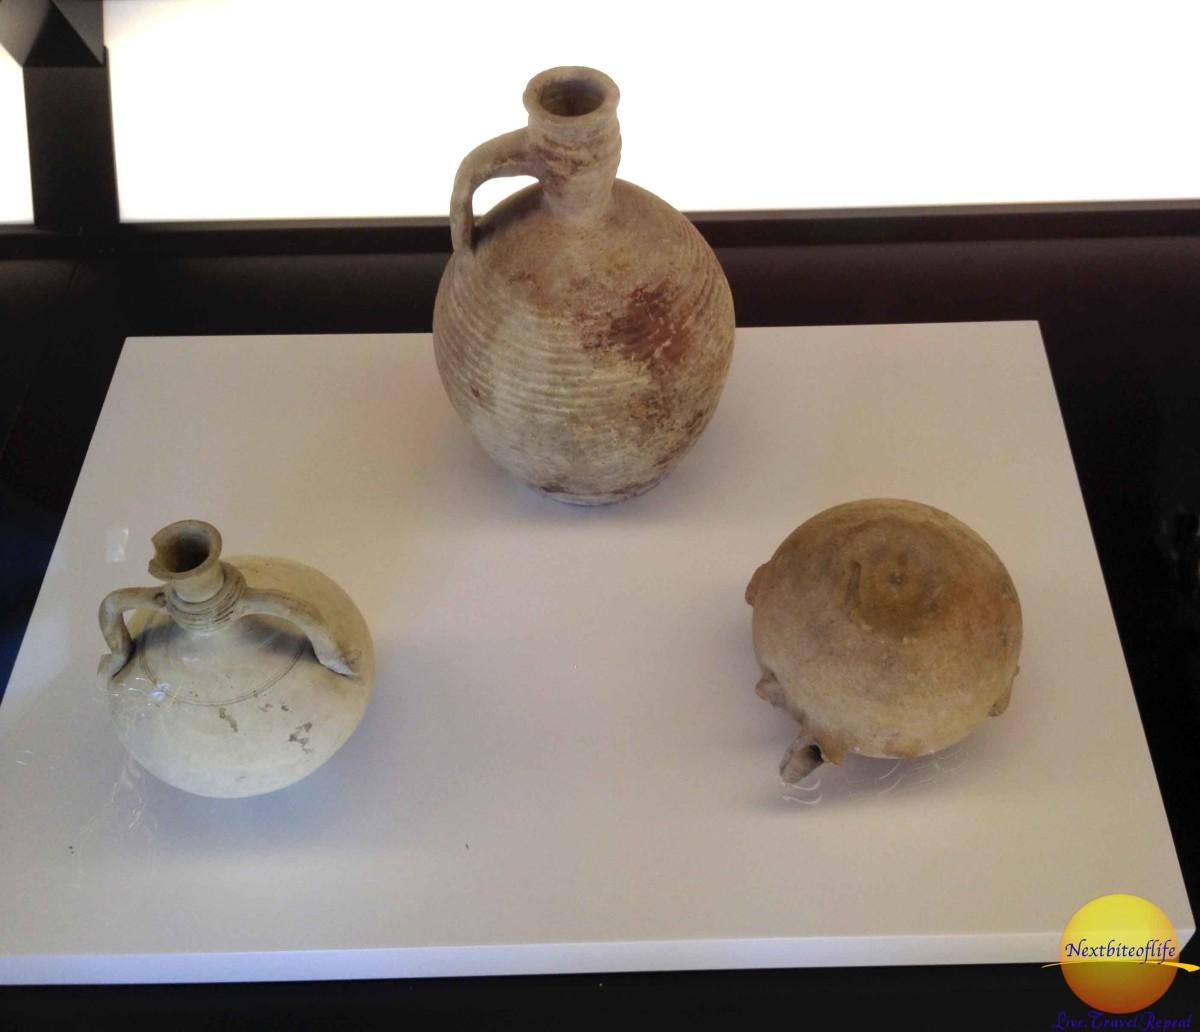 15th century pottery centro del mudejar seville